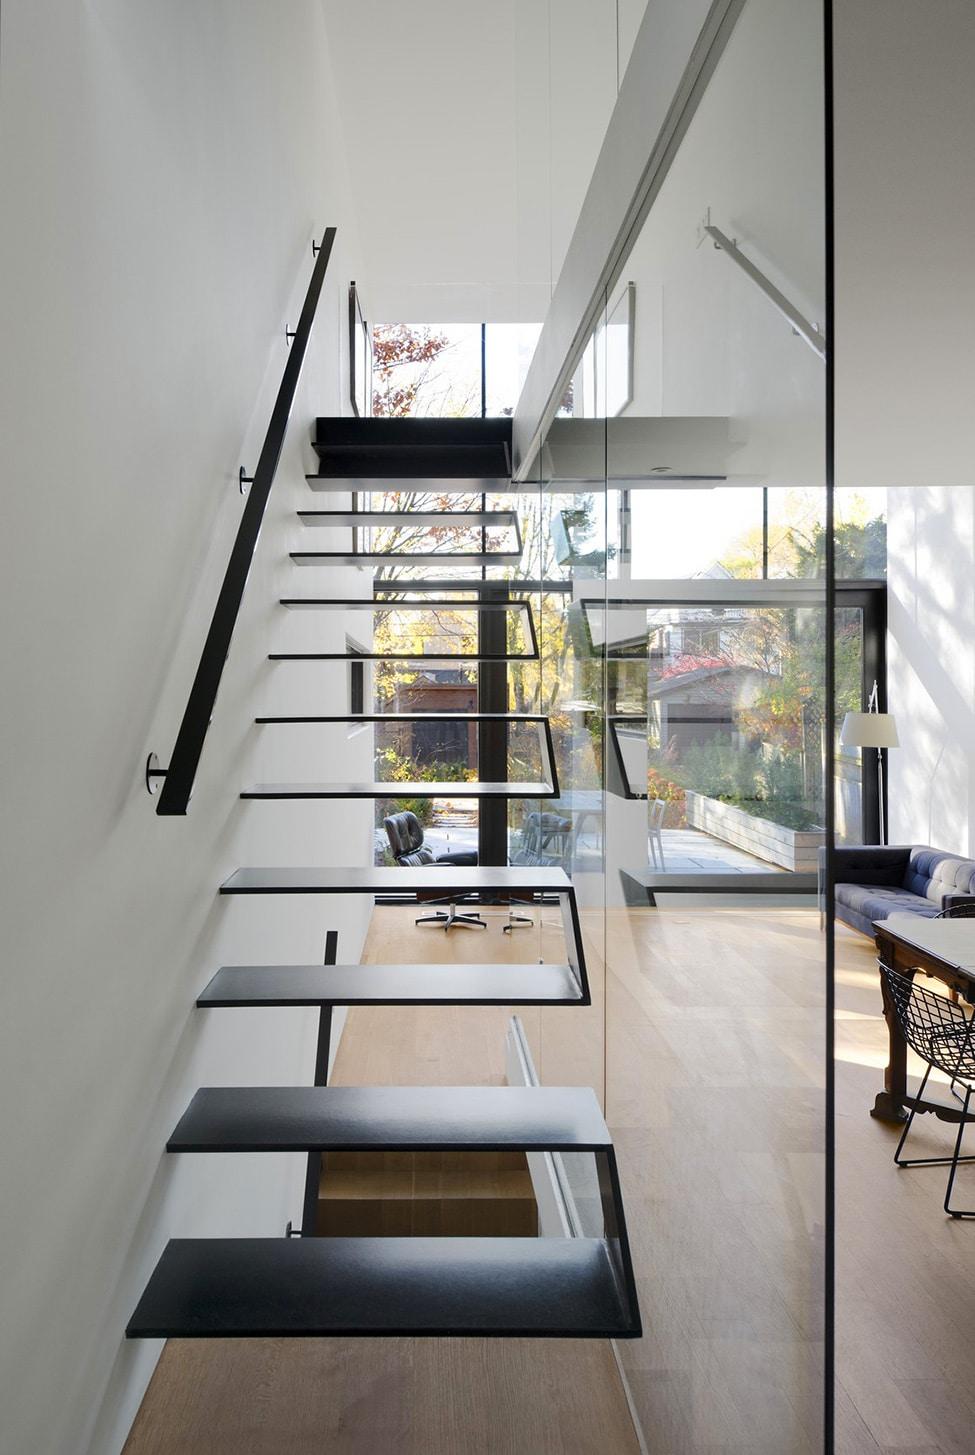 Planos de casa angosta y larga construye hogar for Imagenes escaleras modernas